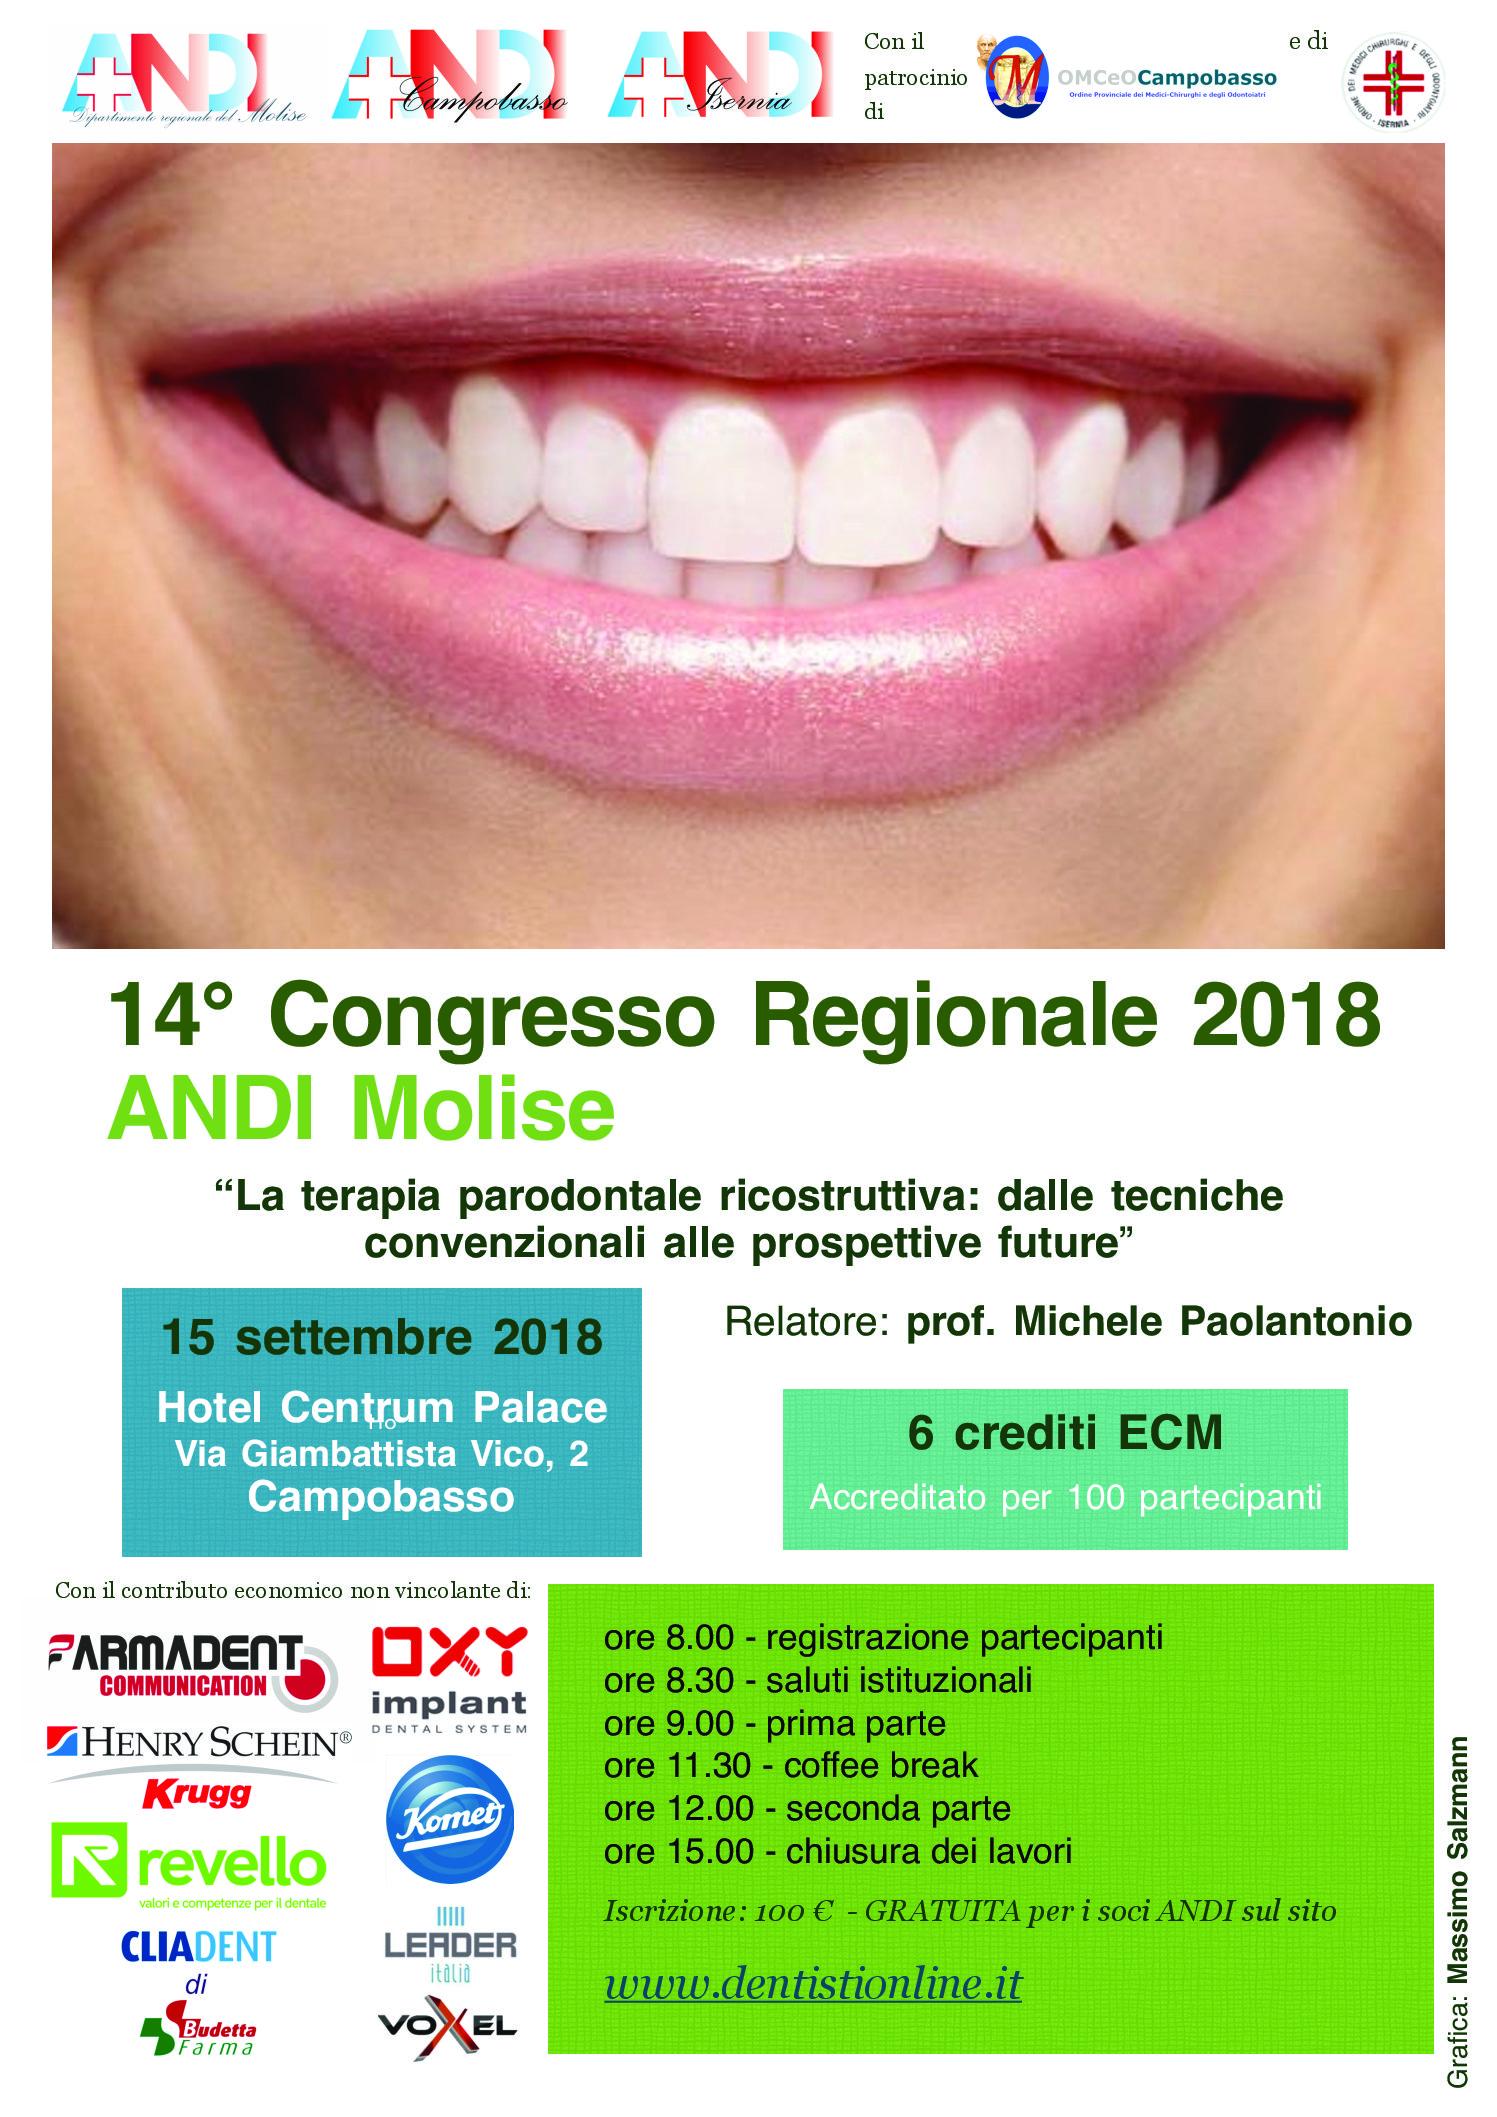 14° Congresso Regionale 2018 ANDI Molise